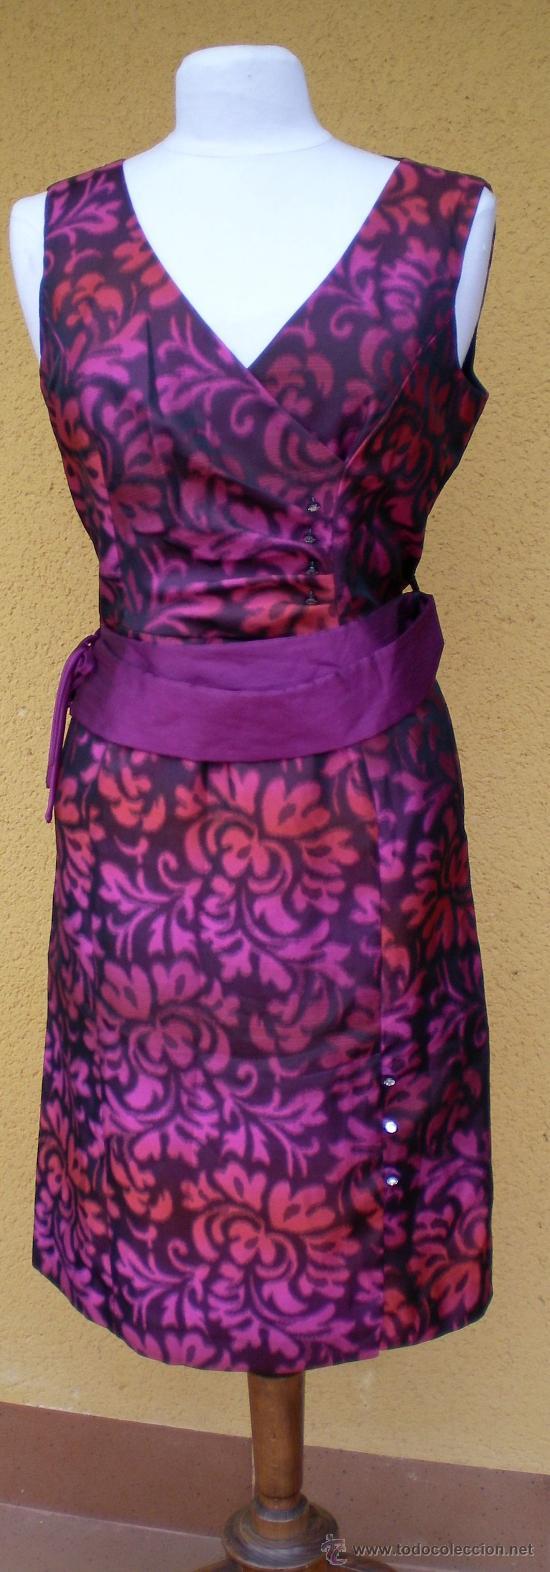 vestido de boutique años 80, para fiesta o cere - Comprar Moda ...